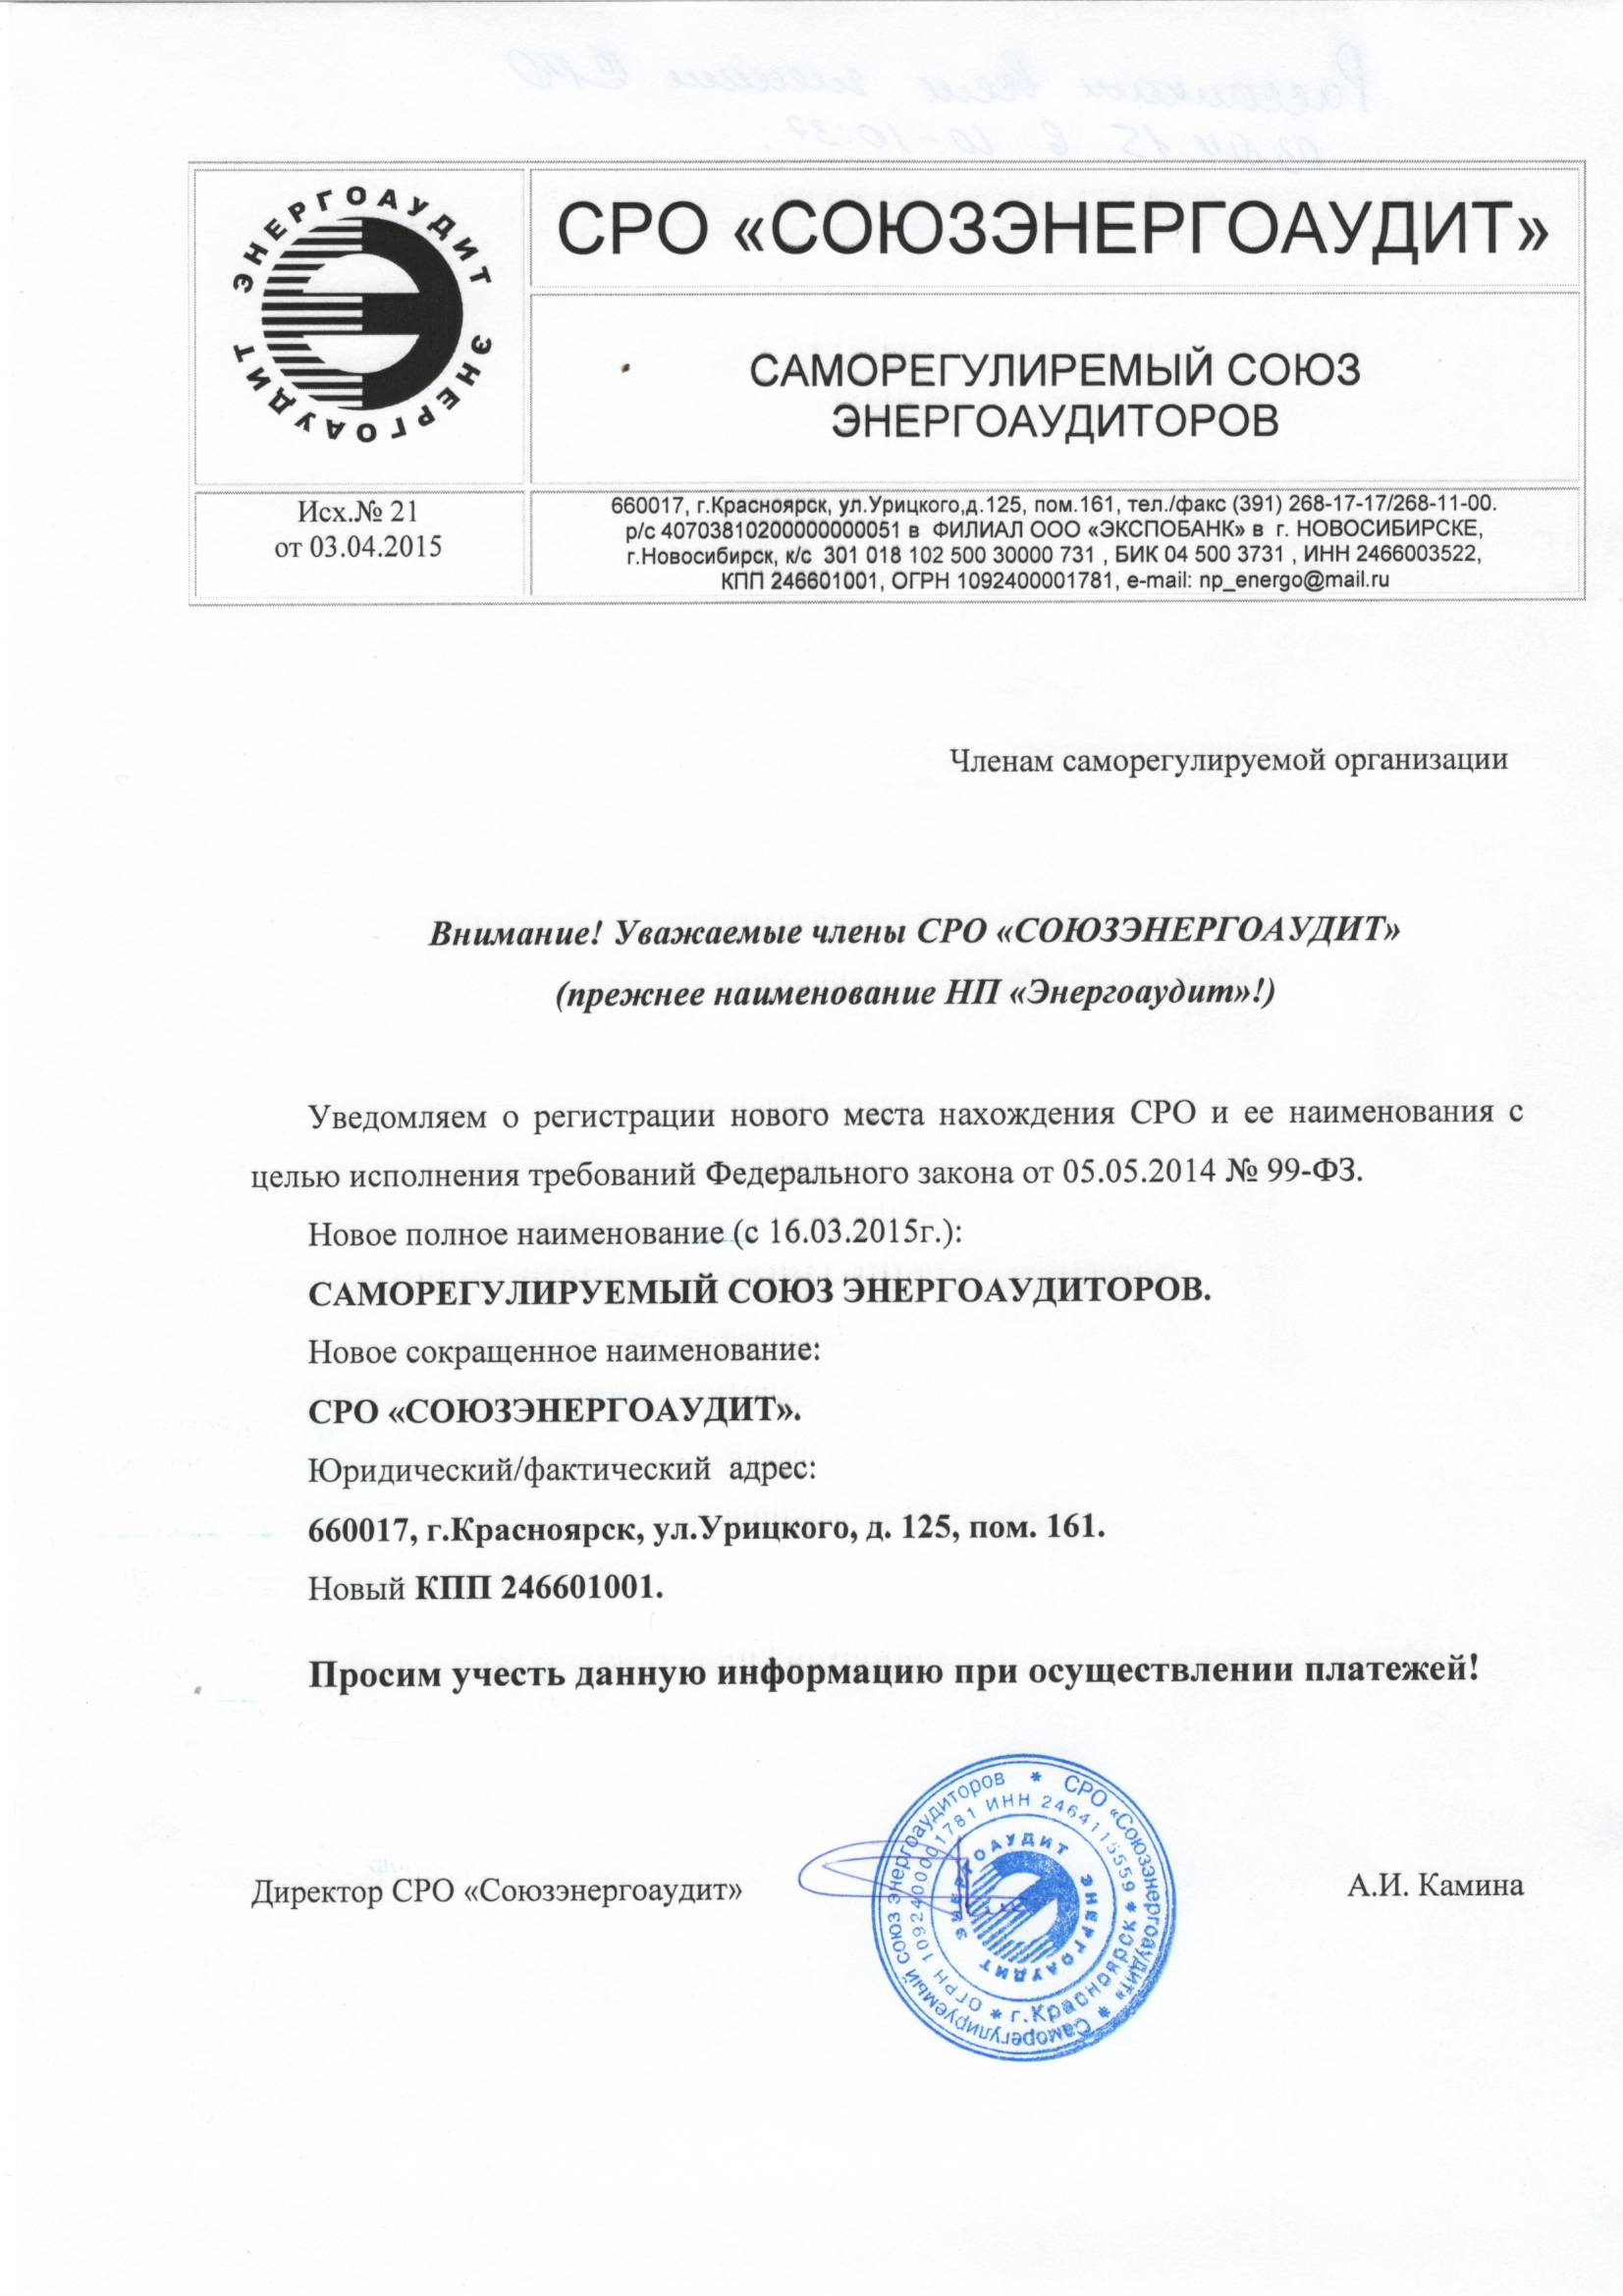 Письмо о Смене Наименования Организации образец